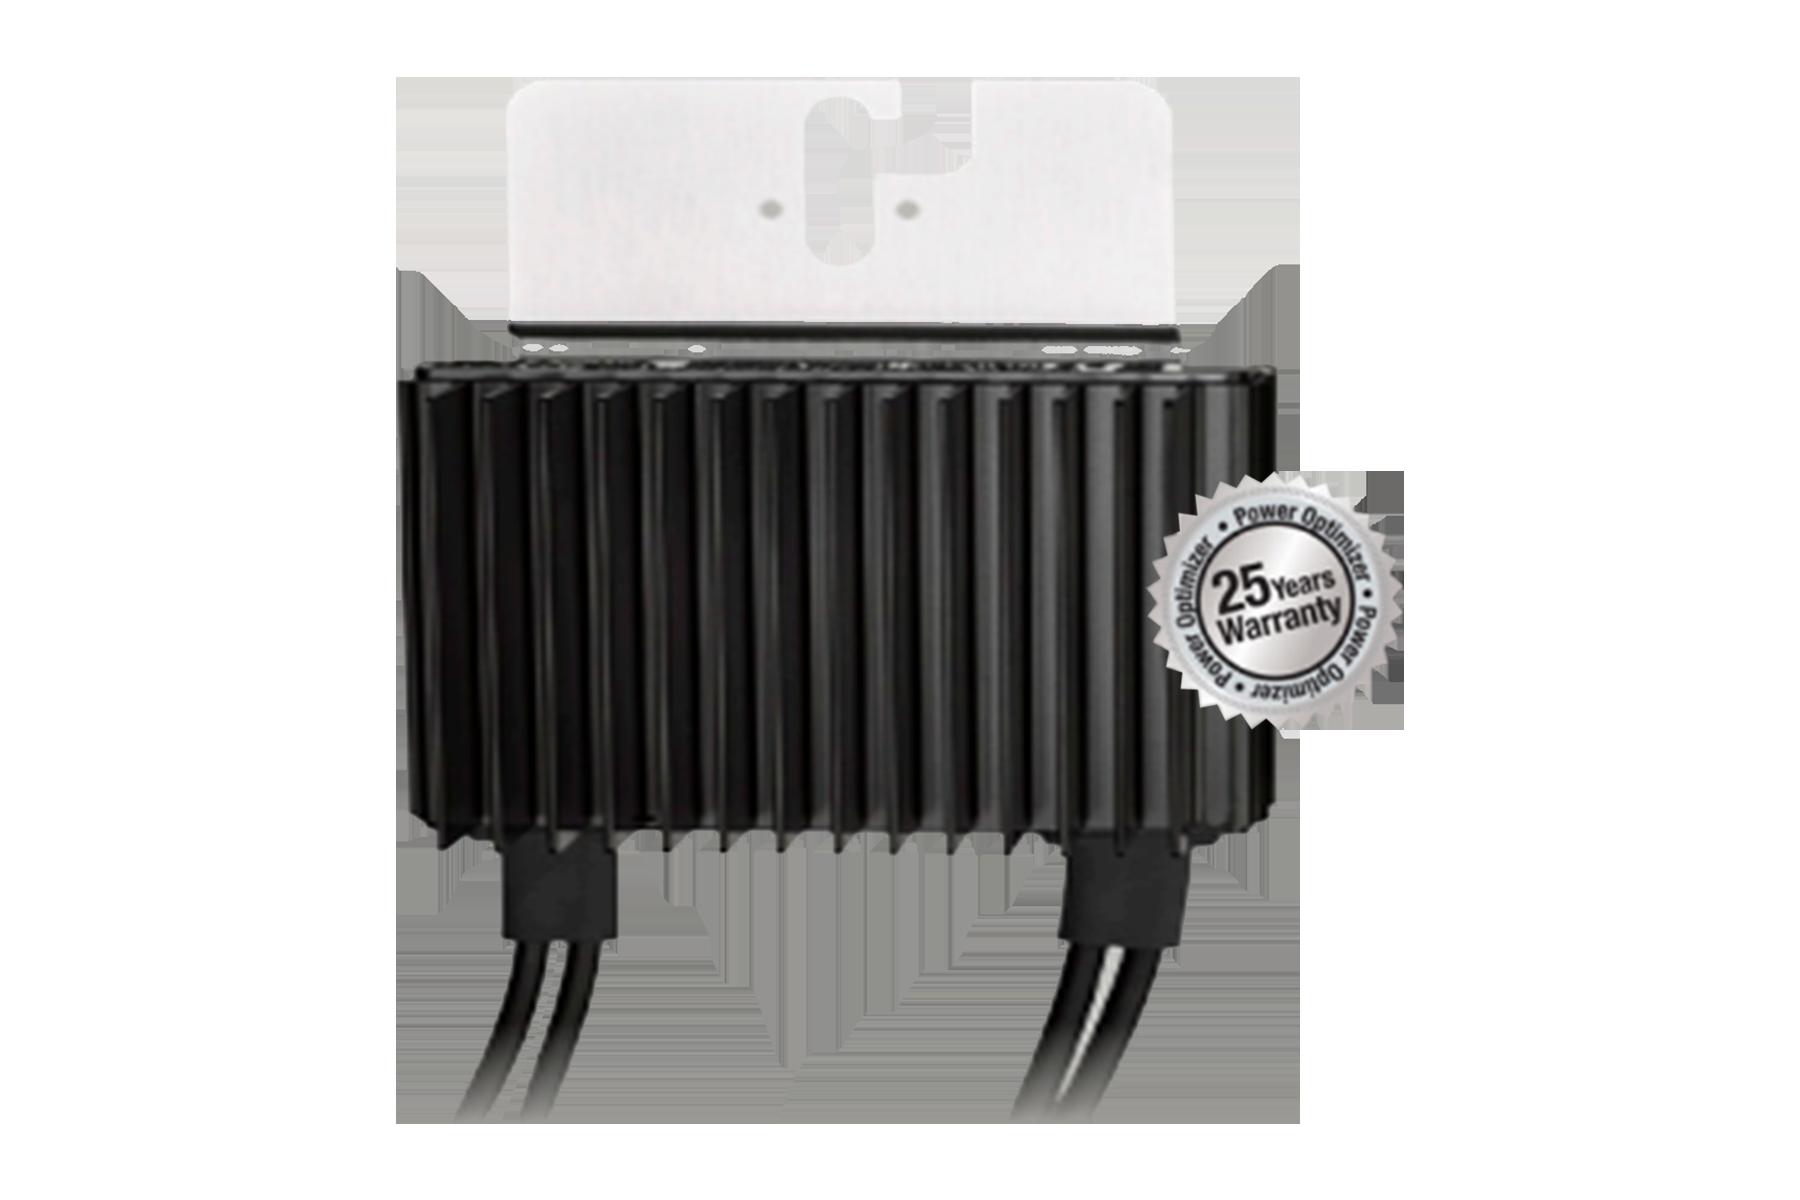 P300-P505 P-Series Power Optimiser